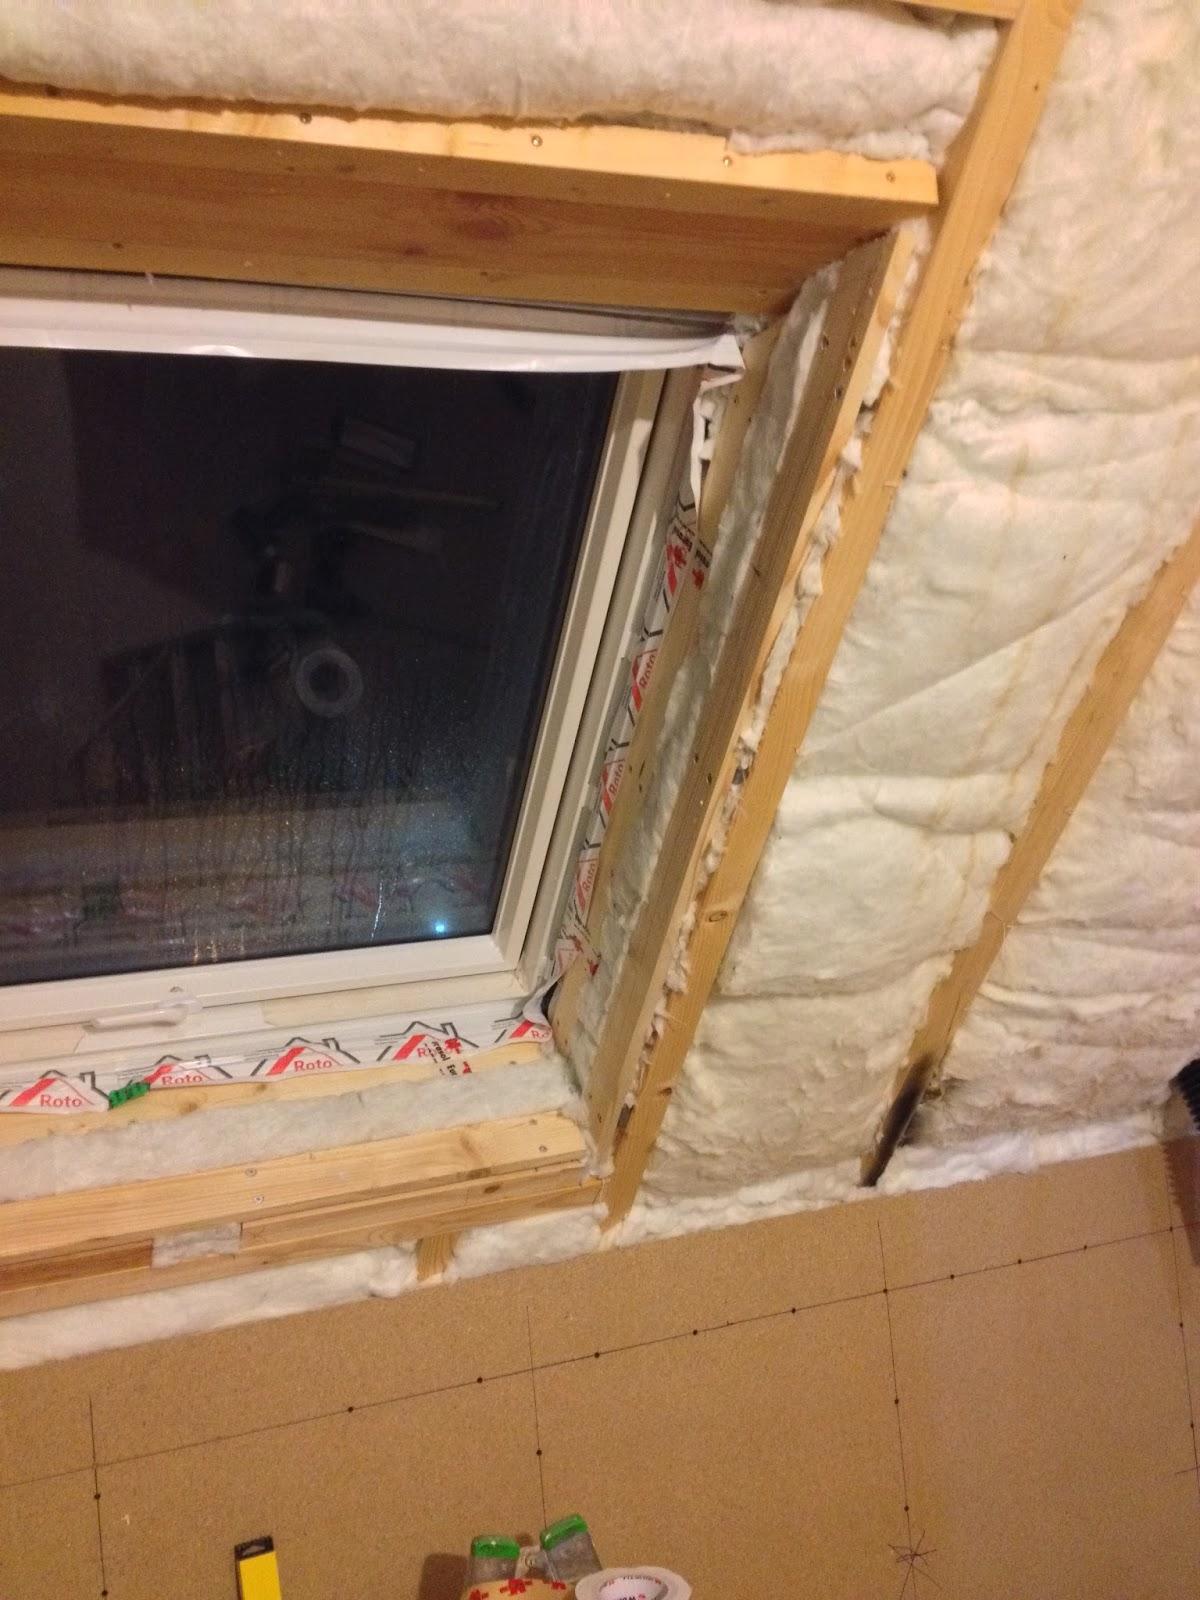 dachfenster laibung selber bauen dachfenster leibung oben dachfenster verkleiden jamgo co. Black Bedroom Furniture Sets. Home Design Ideas